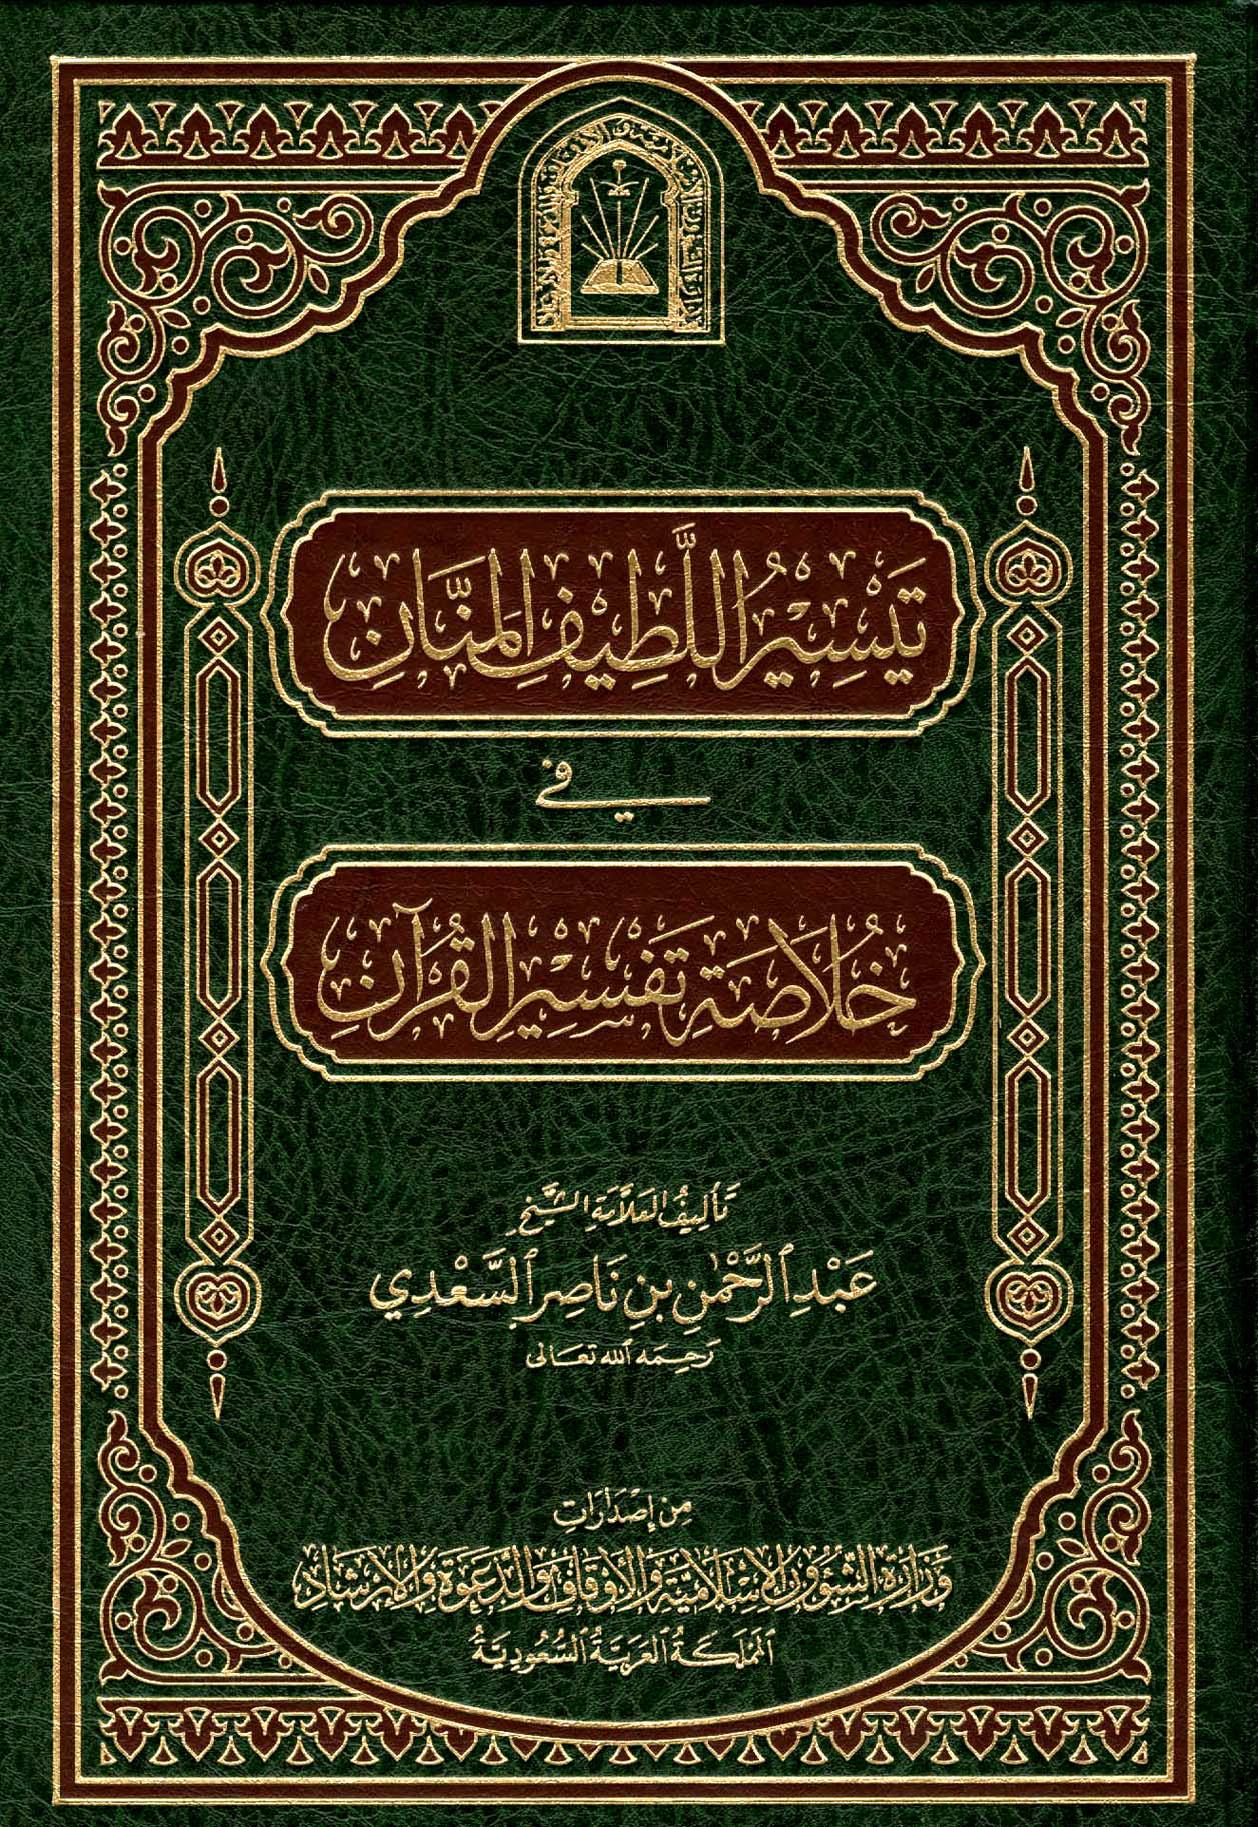 تحميل كتاب تيسير اللطيف المنان في خلاصة تفسير القرآن لـِ: العلامة عبد الرحمن بن ناصر السعدي